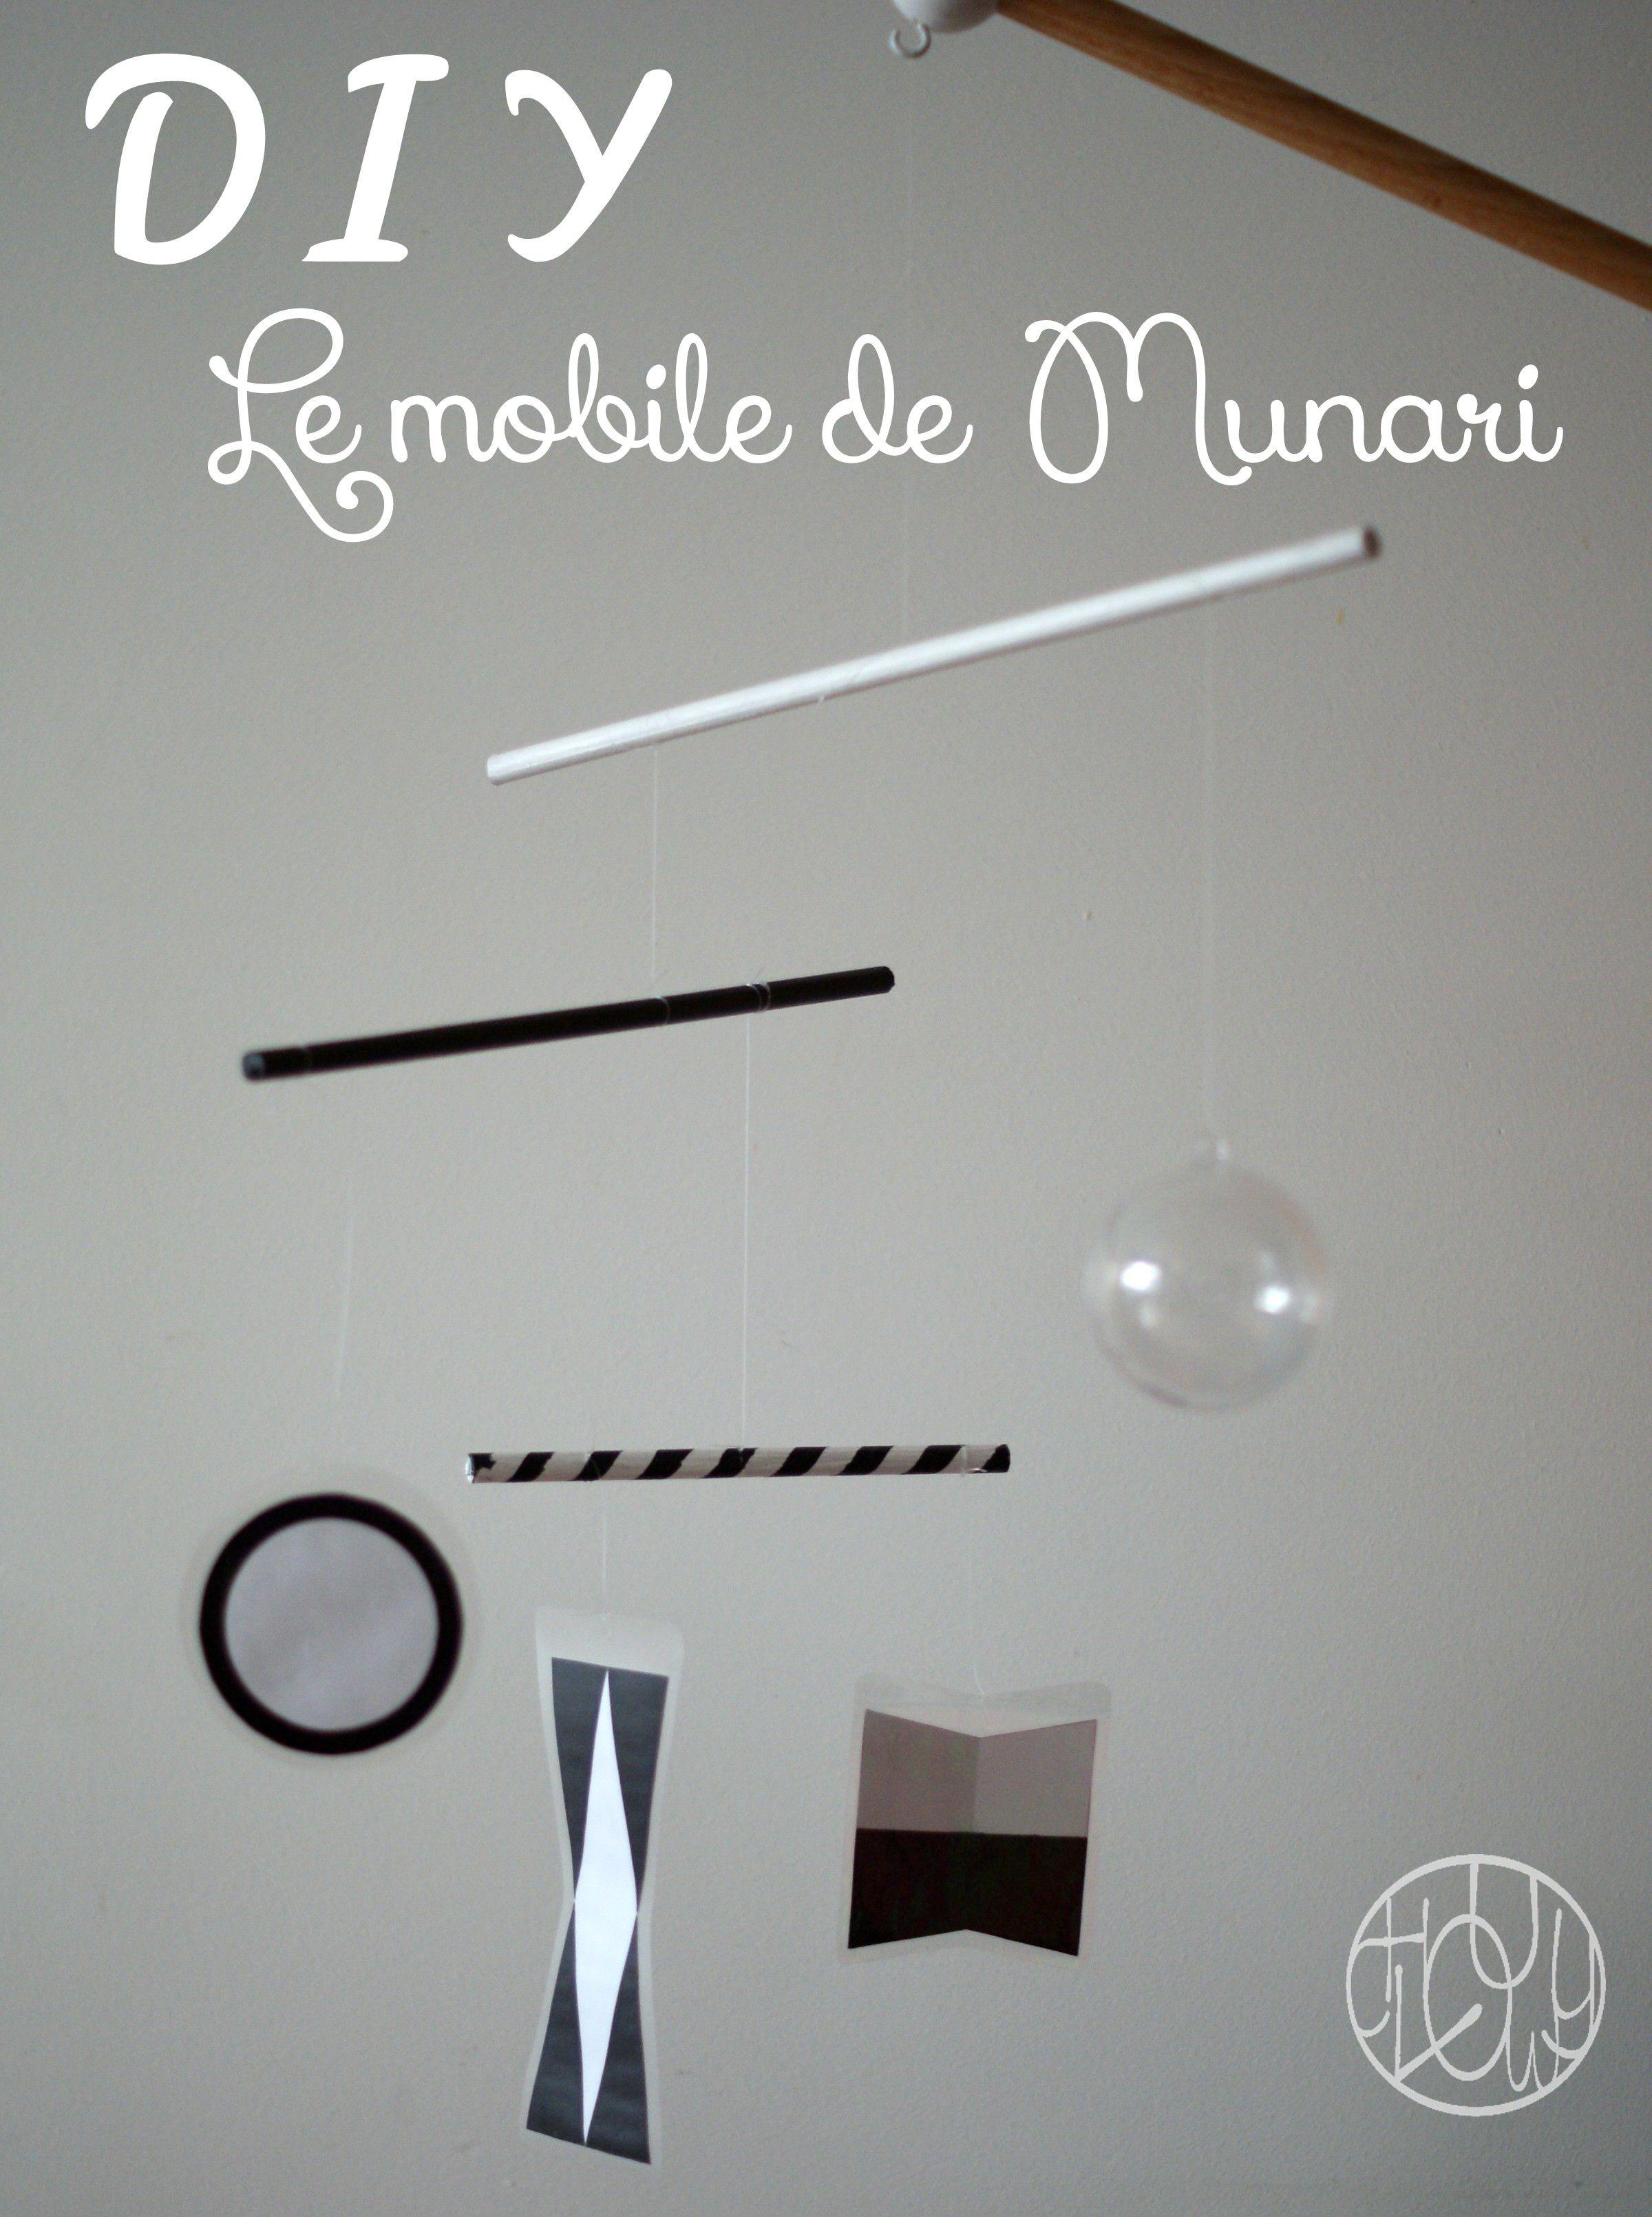 DIY Montessori : Le mobile de Munari - Dans ma petite roulotte...